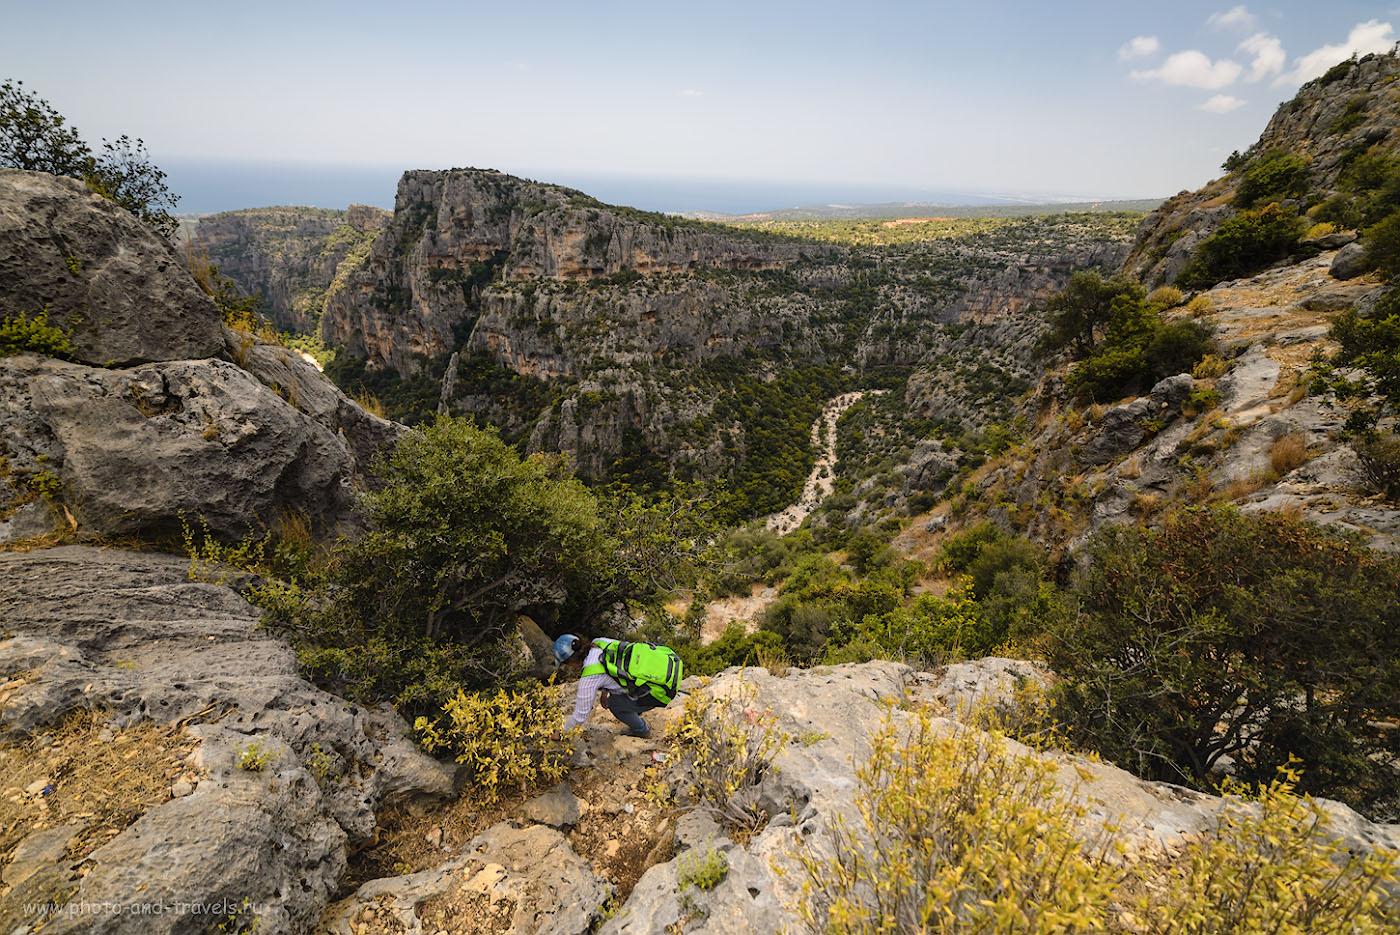 Фото 11. Спуск к фигурам AdamKayalar, высеченным в скалах каньона Şeytan DeresiKanyonu в Турции. Отзывы туристов об экскурсиях дикарями. Камера Nikon D610, сверхширокоугольный объектив Samyang 14mm f/2.8. 1/640, -1.33, 2.8, 50, 14.